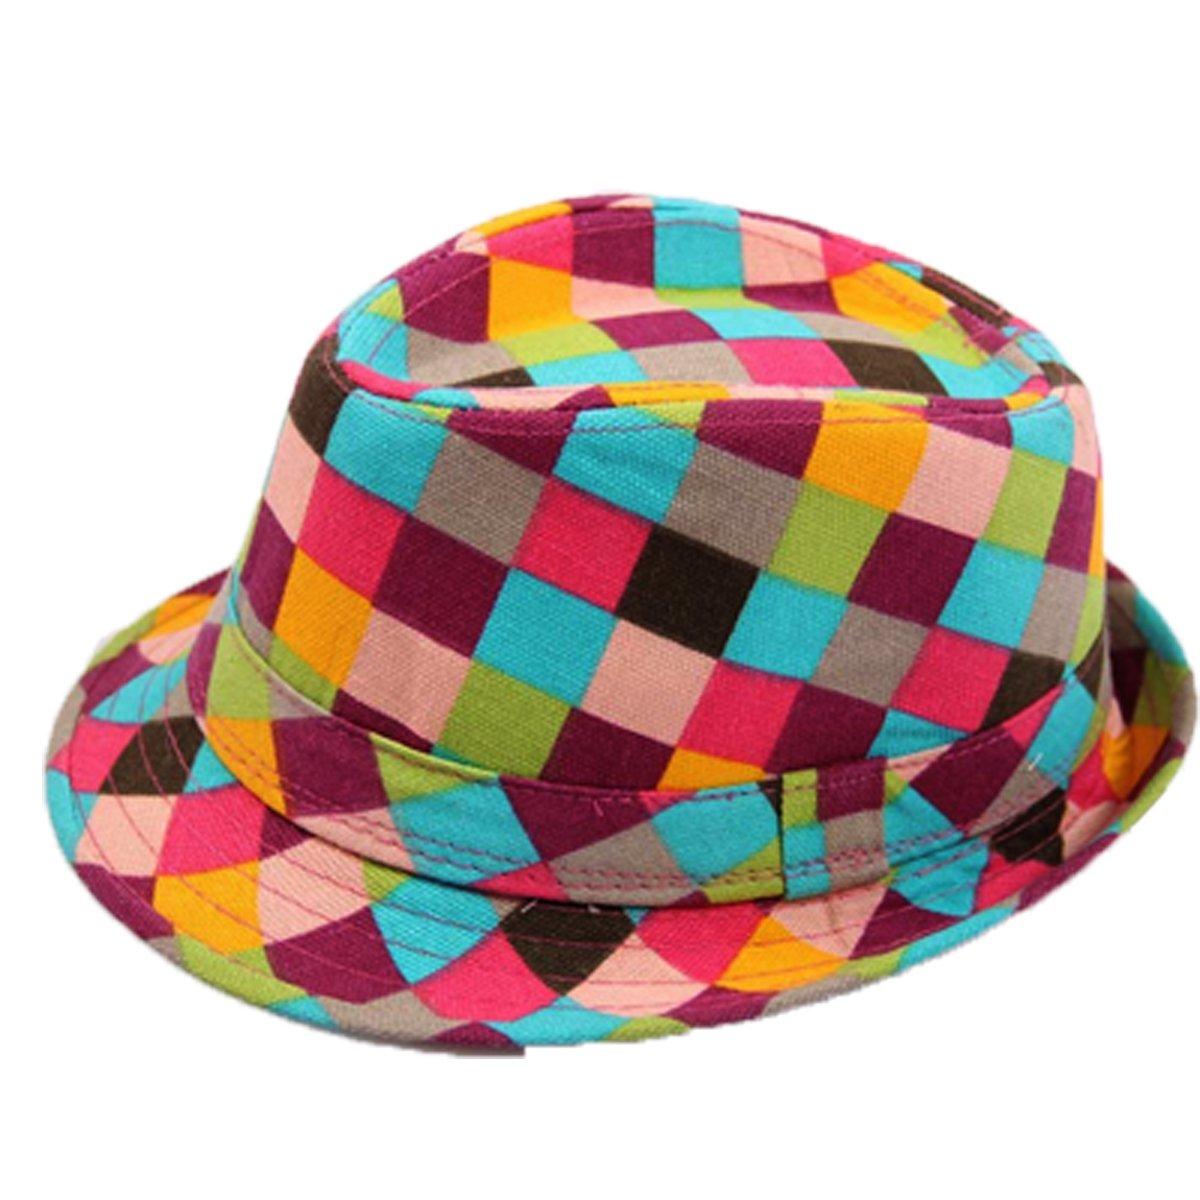 Aivtalk Little Boys Girls Cotton Plaid Billycock Fedora Beach Outing Sun Hat